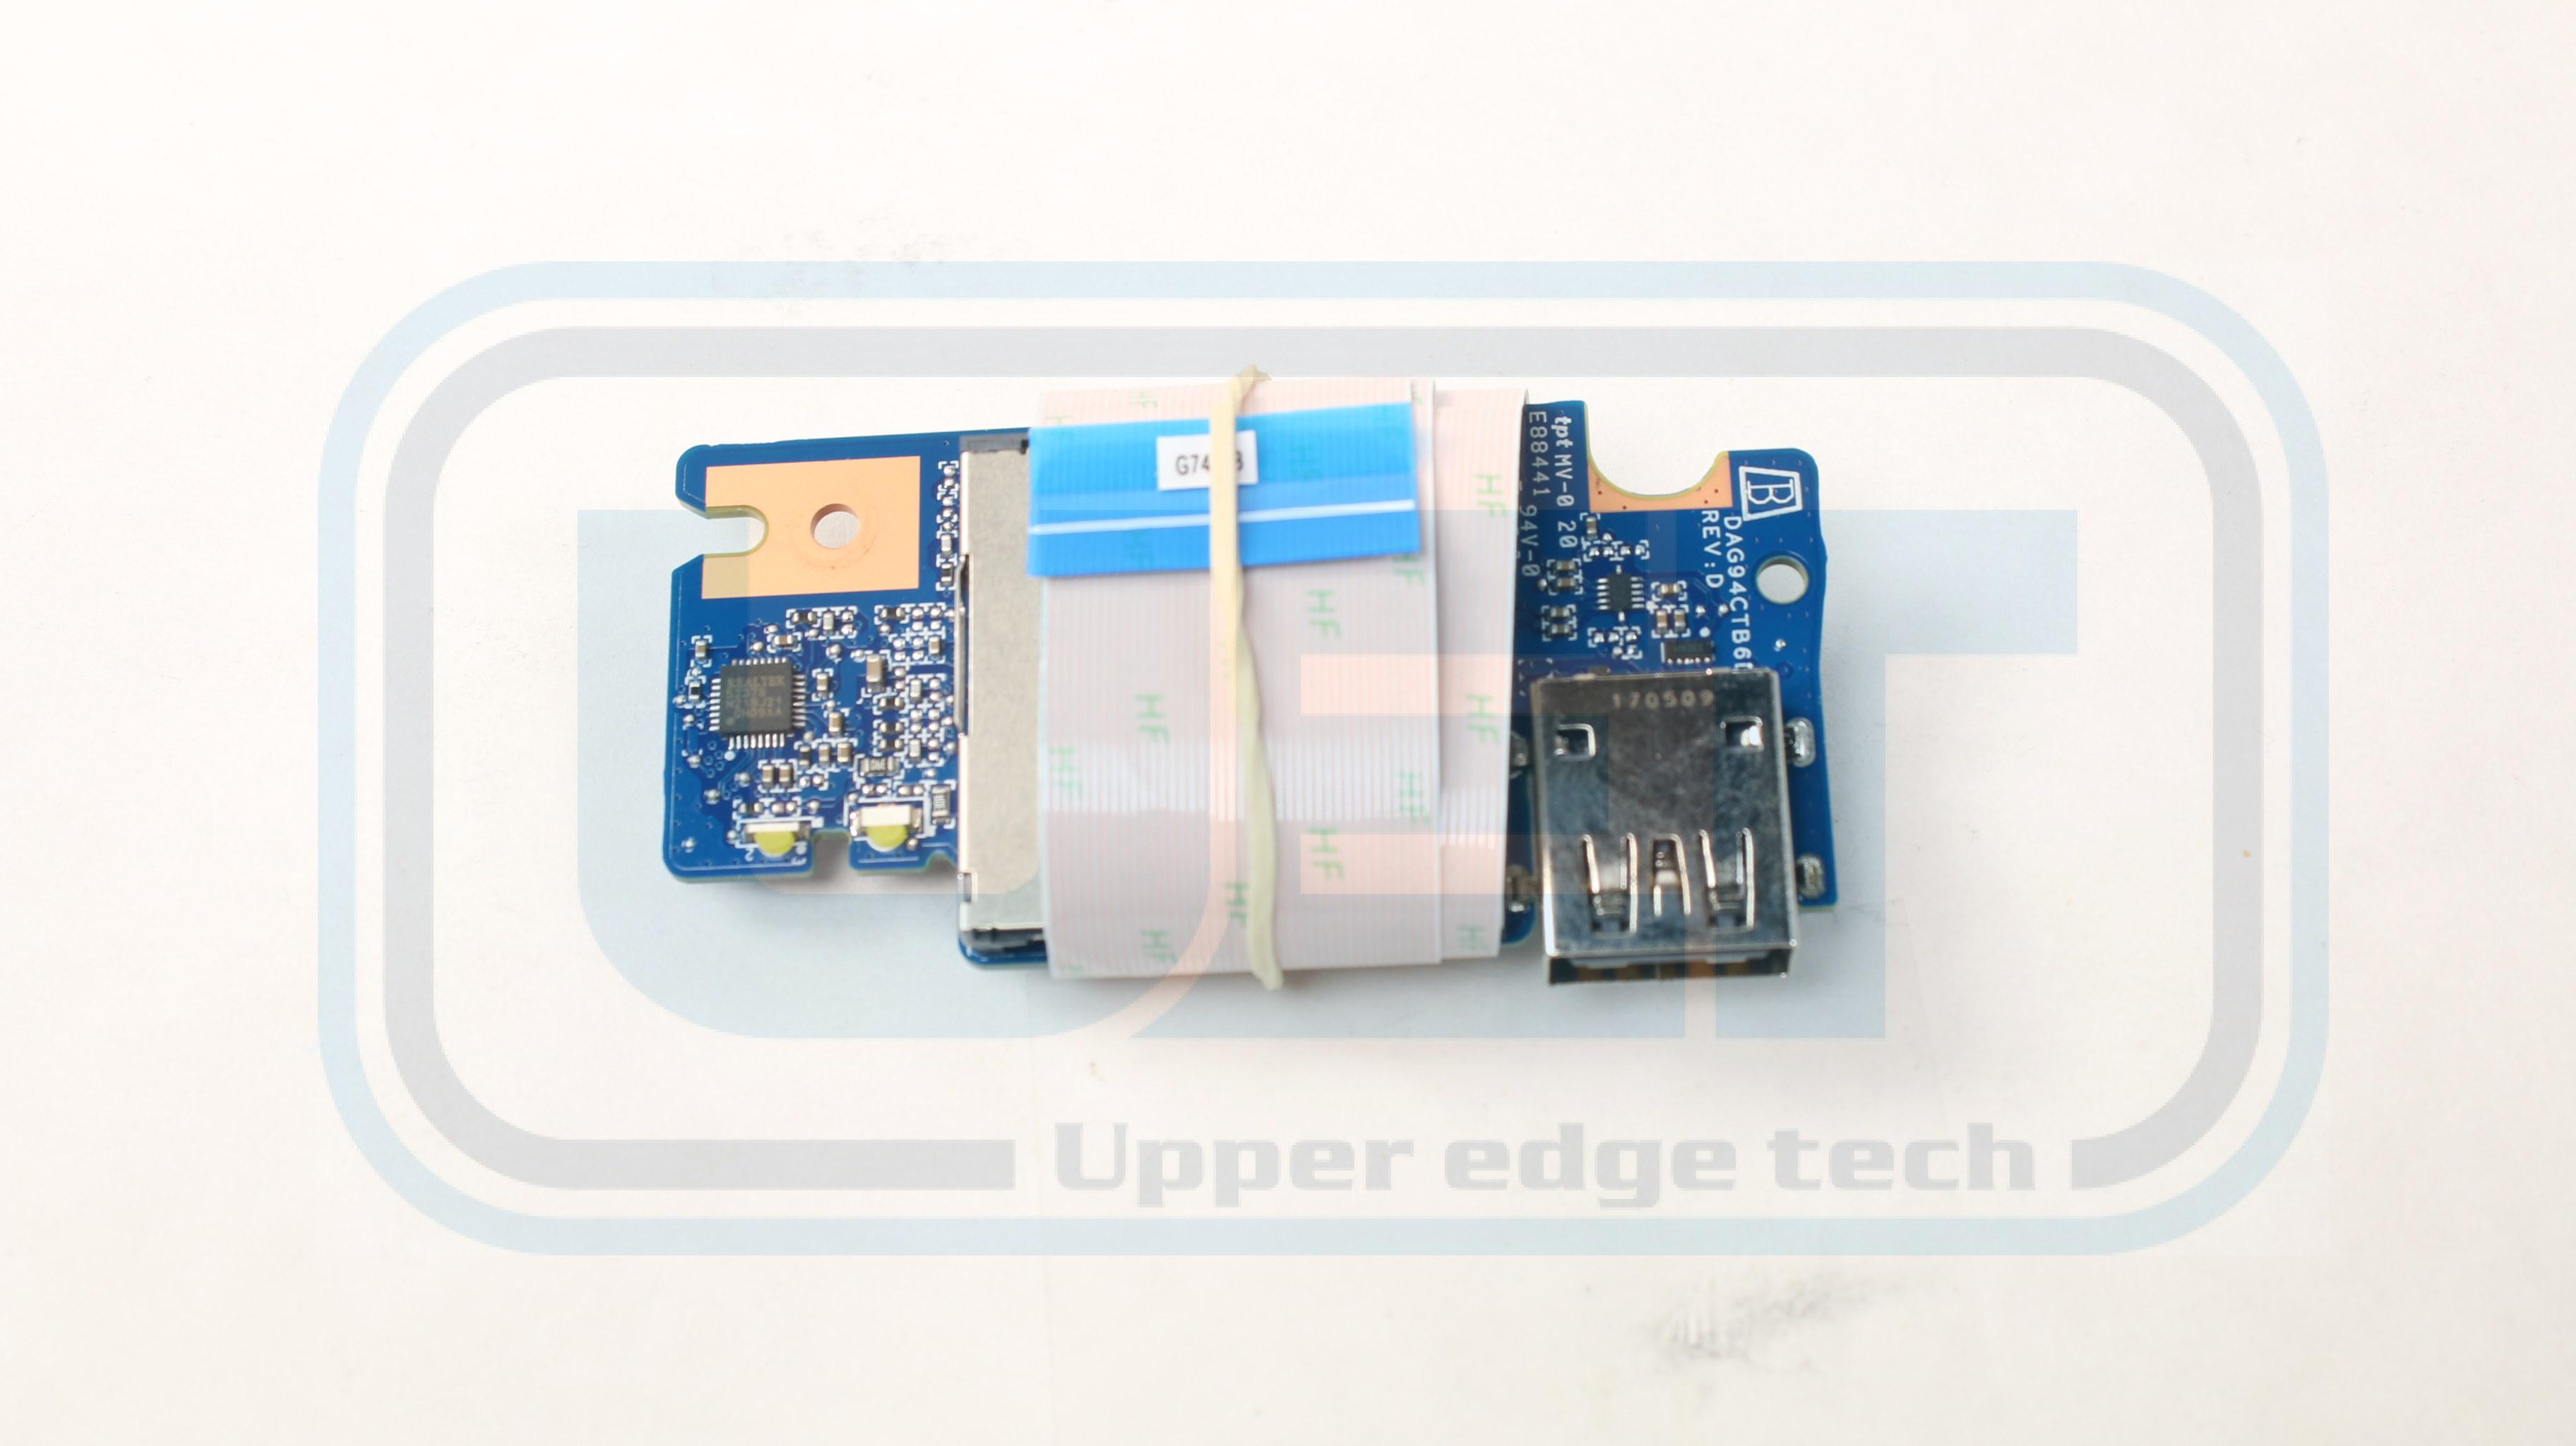 L20454-001 LS-G072P GENUINE HP HD CONNECTOR BOARD 15-DA 15-DA0073WM CC37